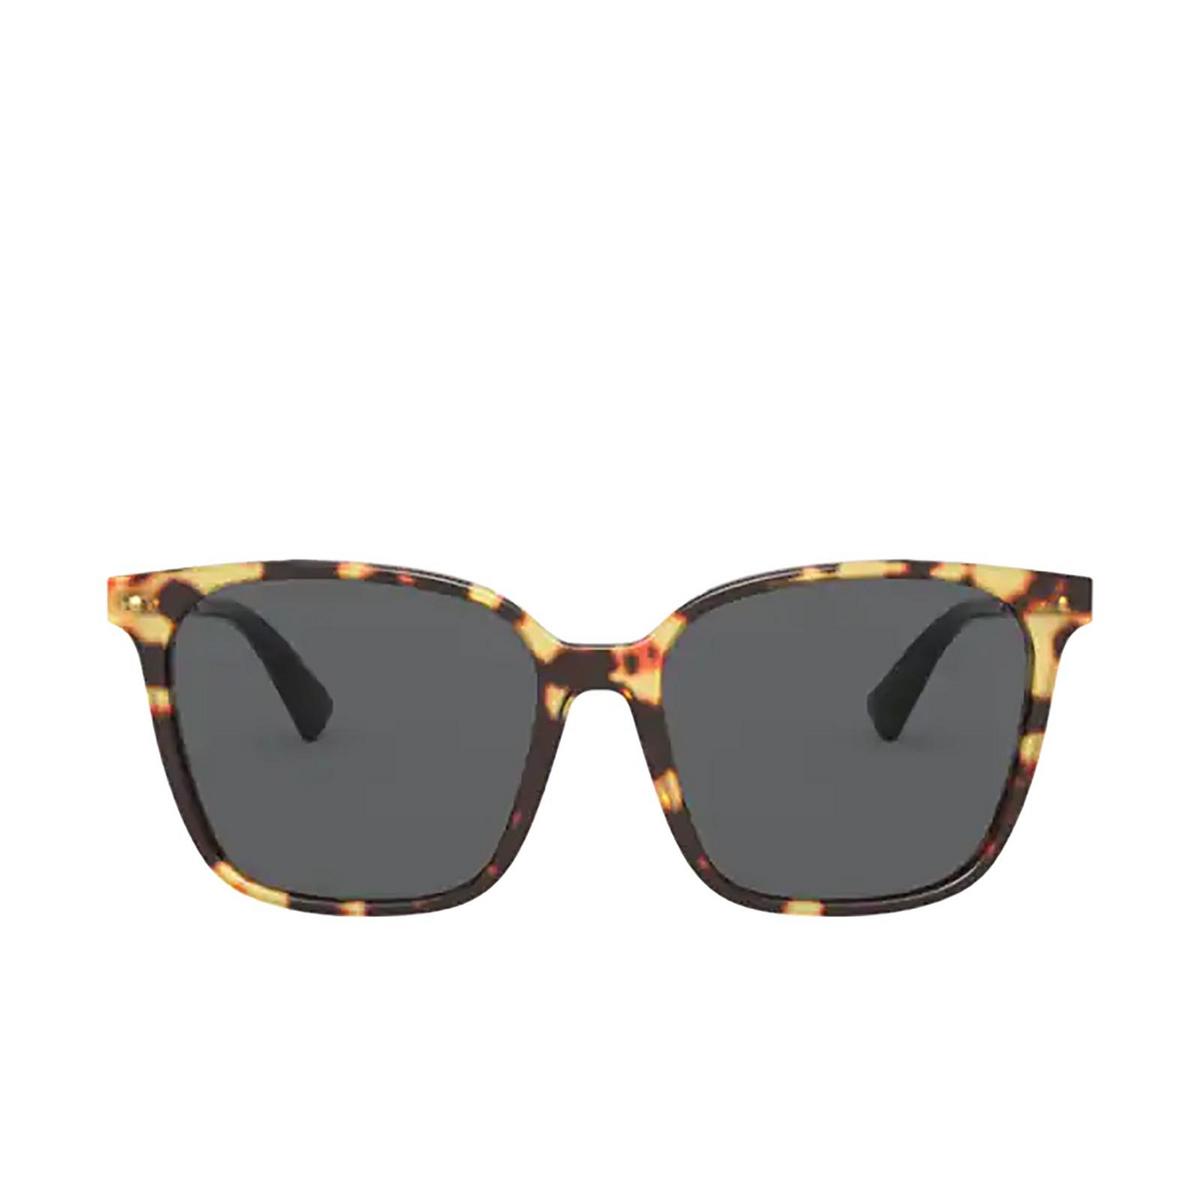 Valentino® Square Sunglasses: VA4078 color Havana 503687 - front view.